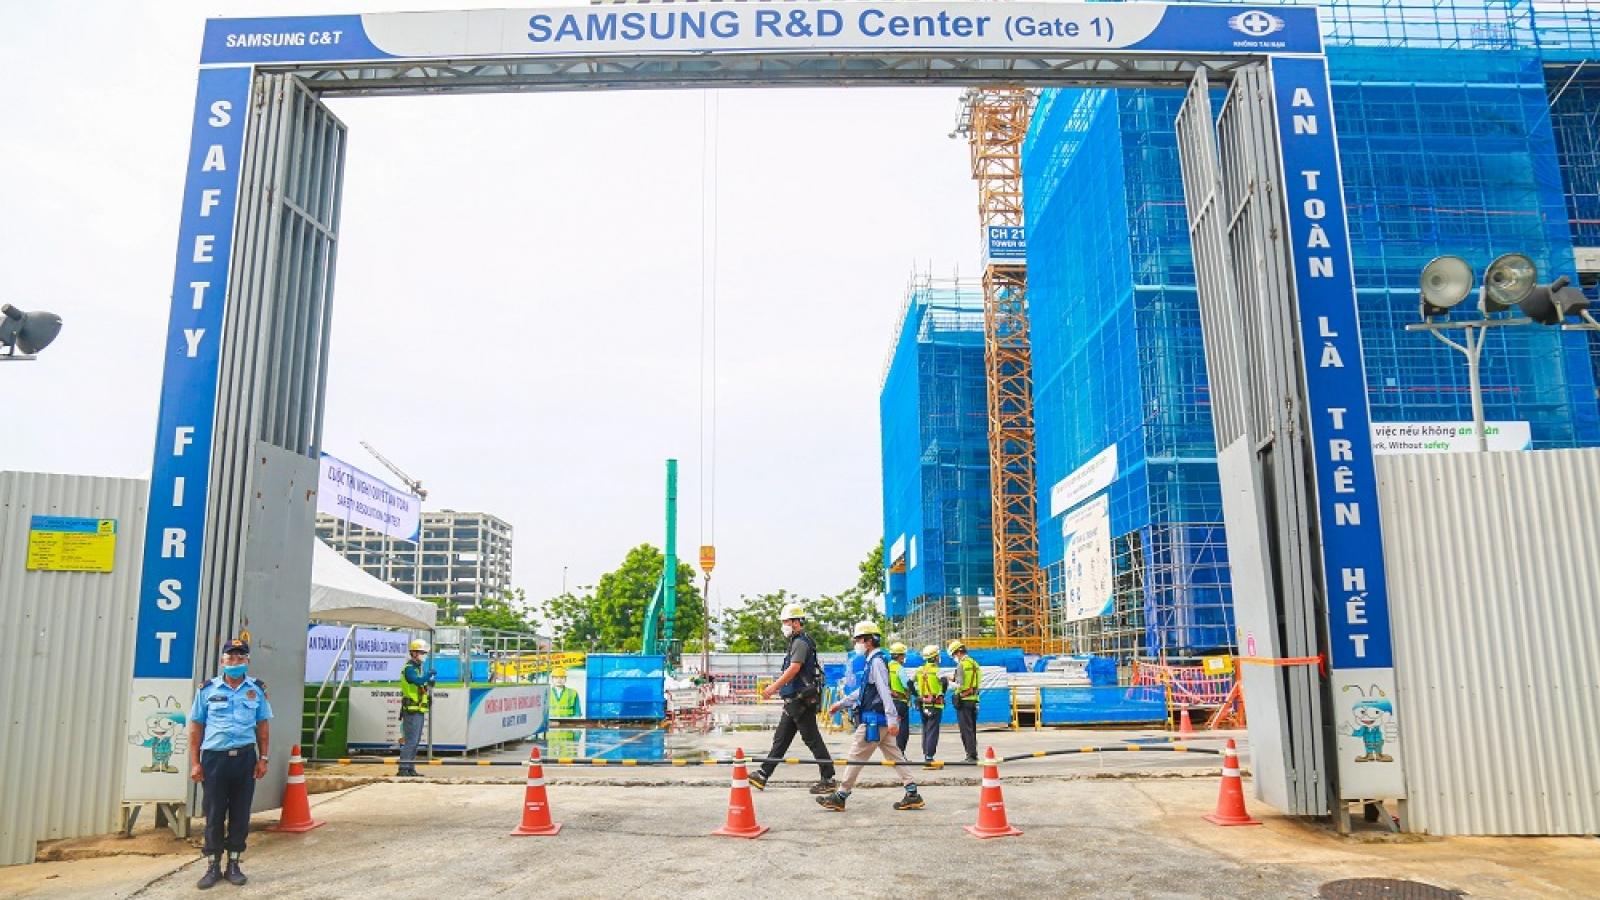 Trung tâm R&D mới của Samsung hoàn thành 50% tiến độ xây dựng